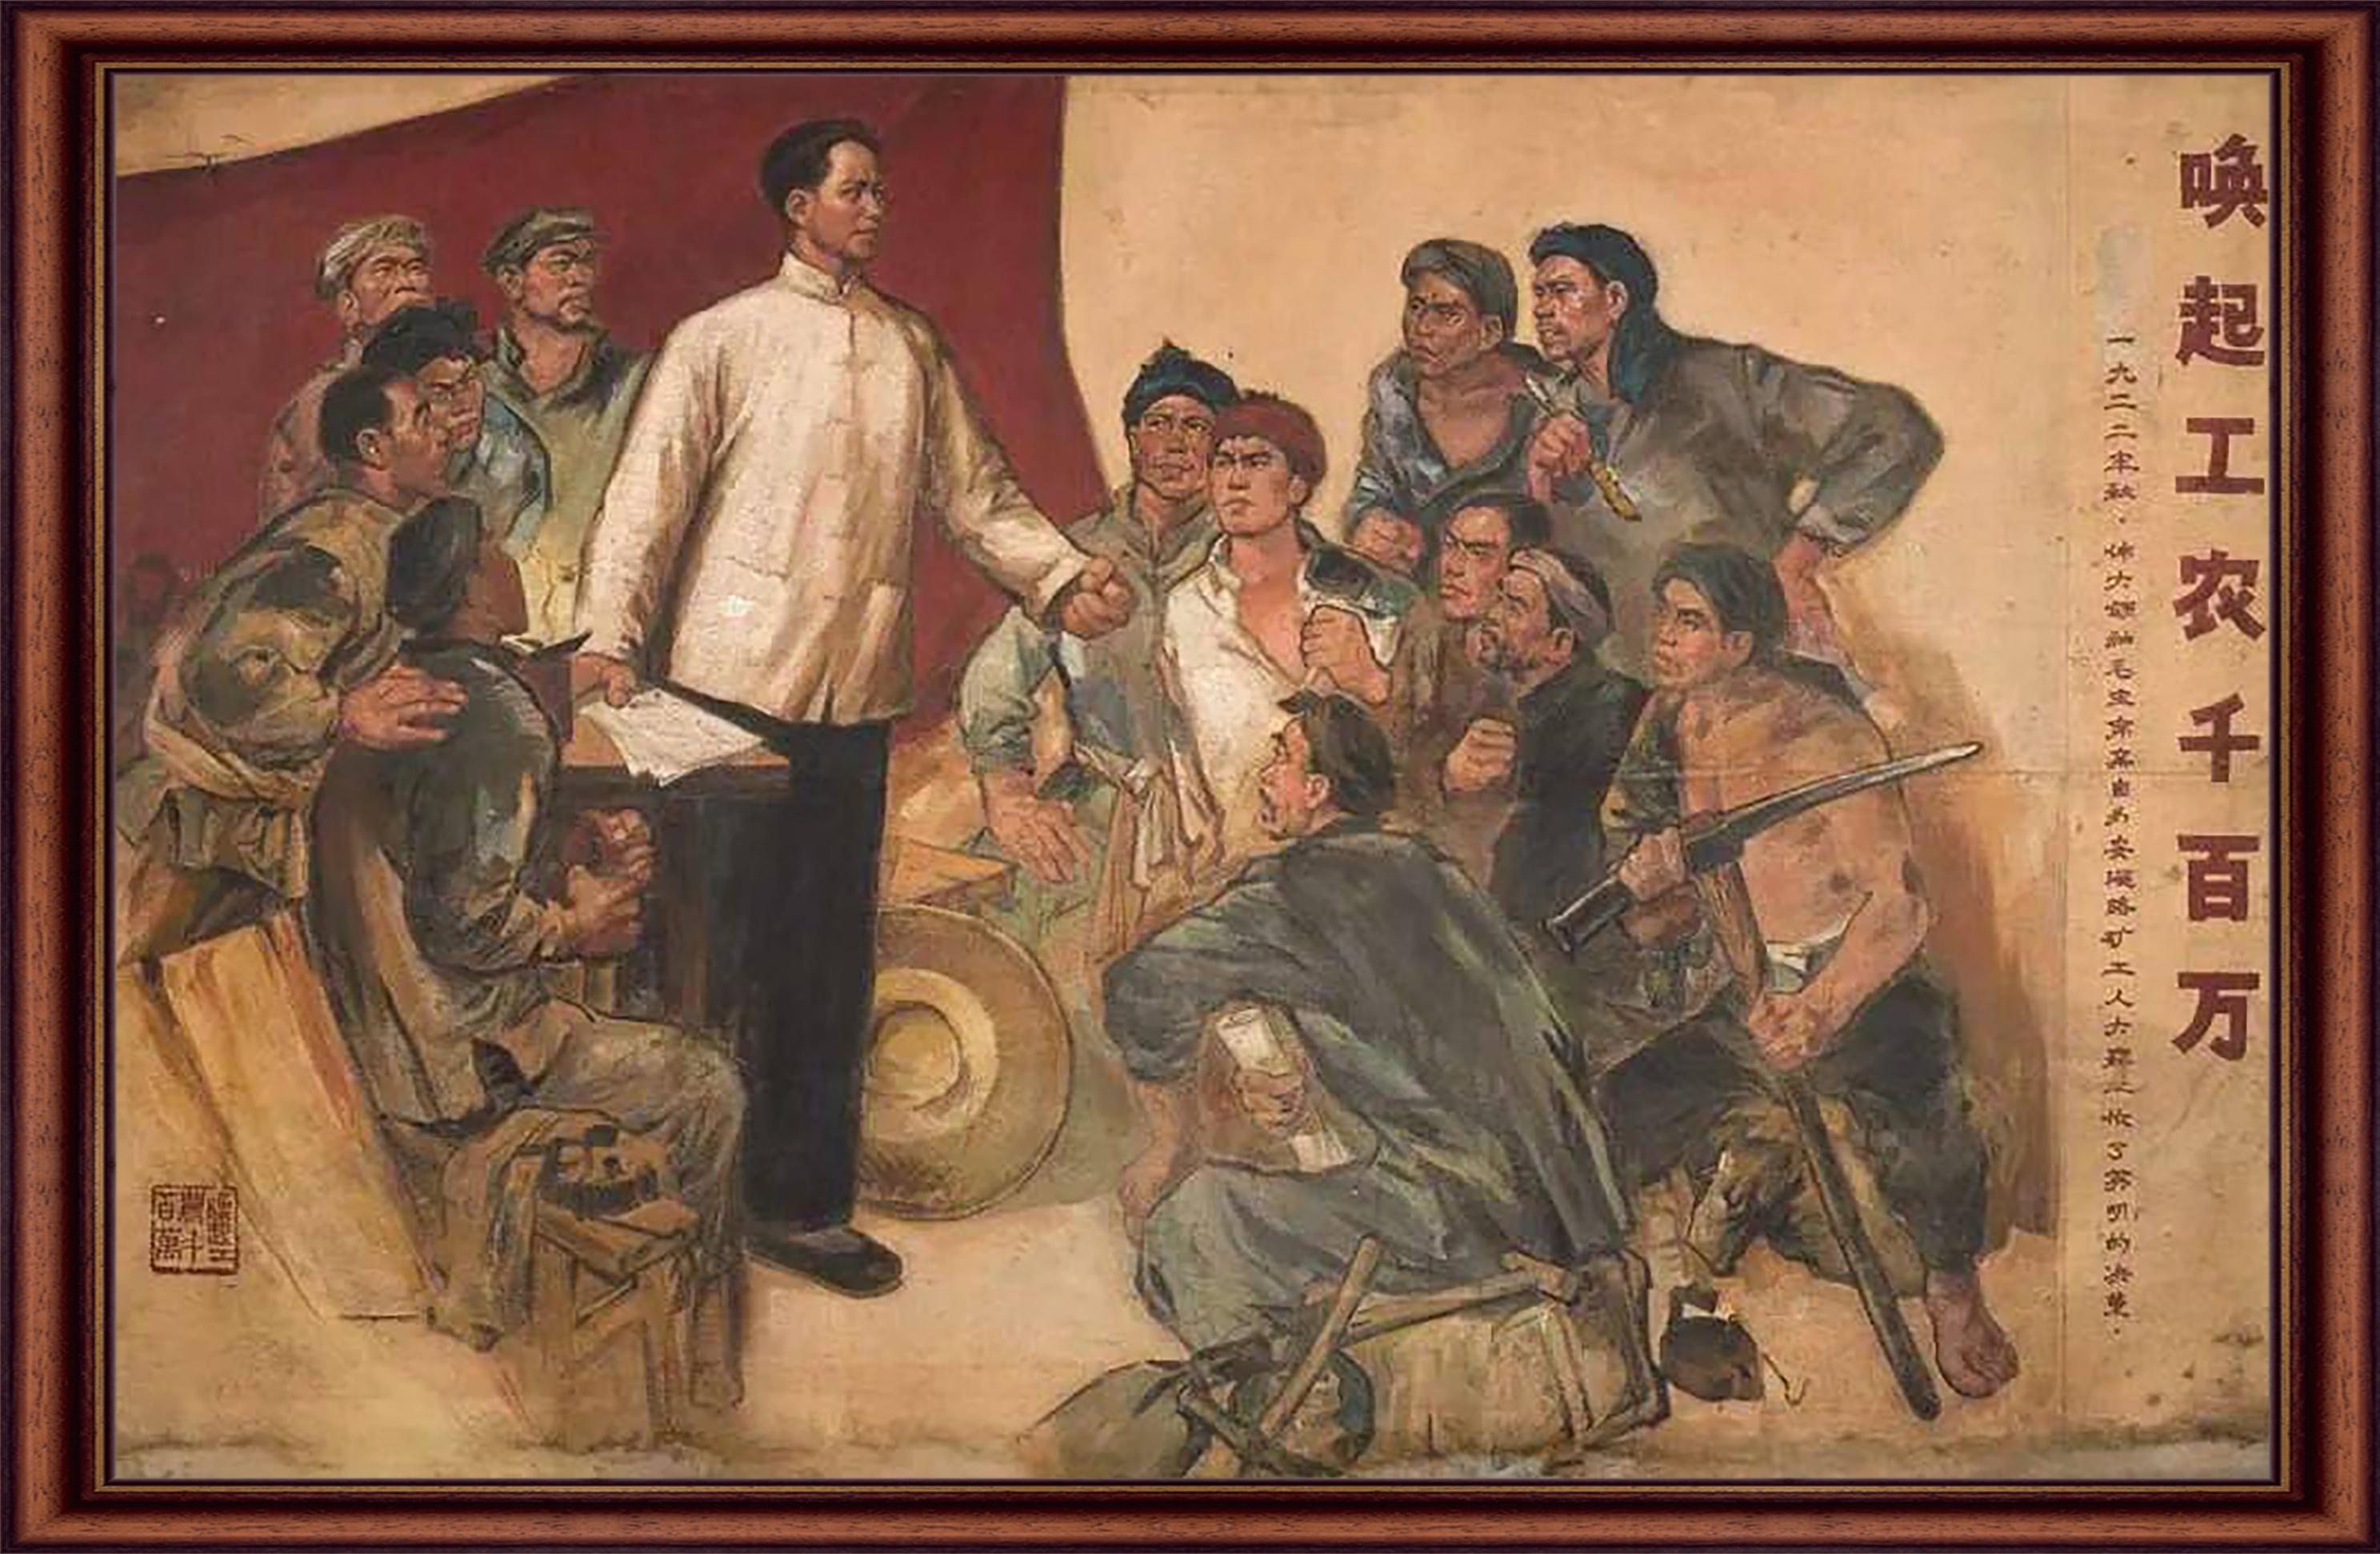 方增先 《唤起工农千百万》 油画 1968年